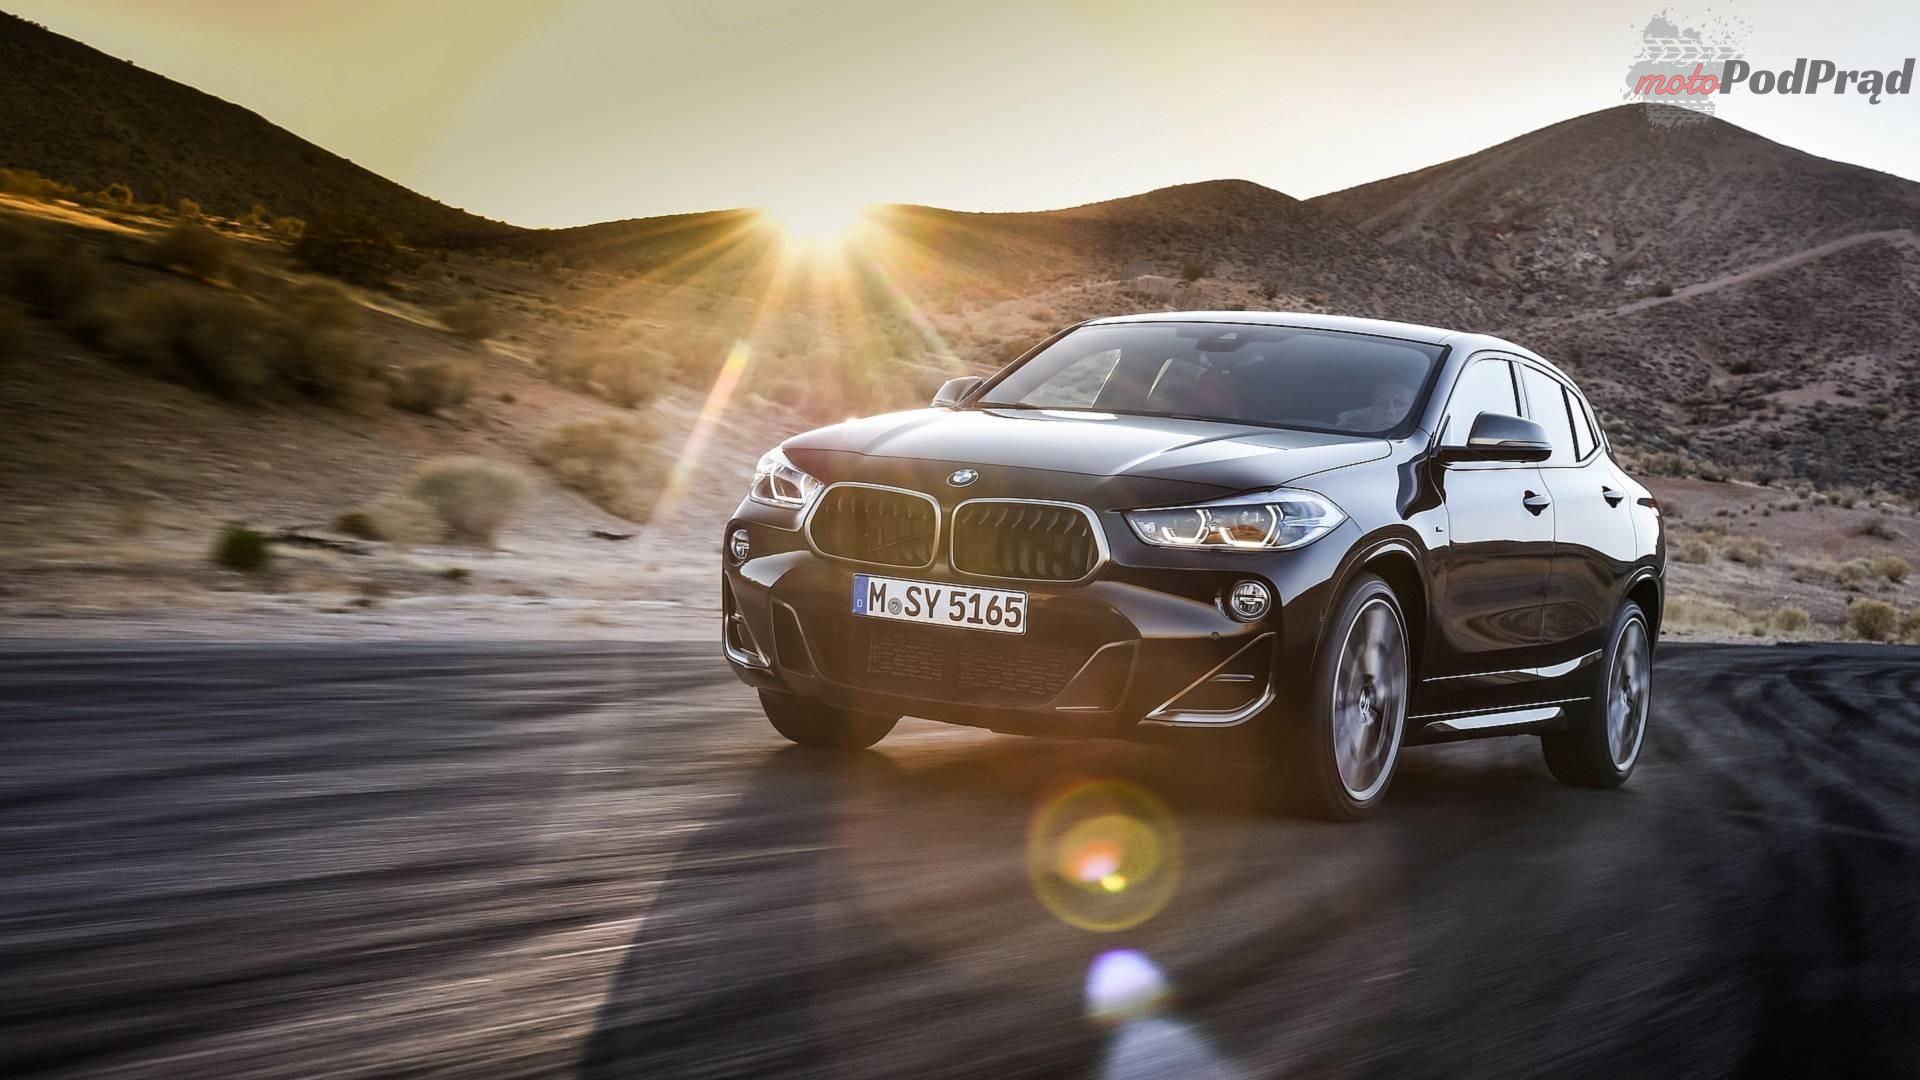 2019 bmw x2 m35i BMW X2 M35i & BMW X5 45e   wzmocnienie kadry